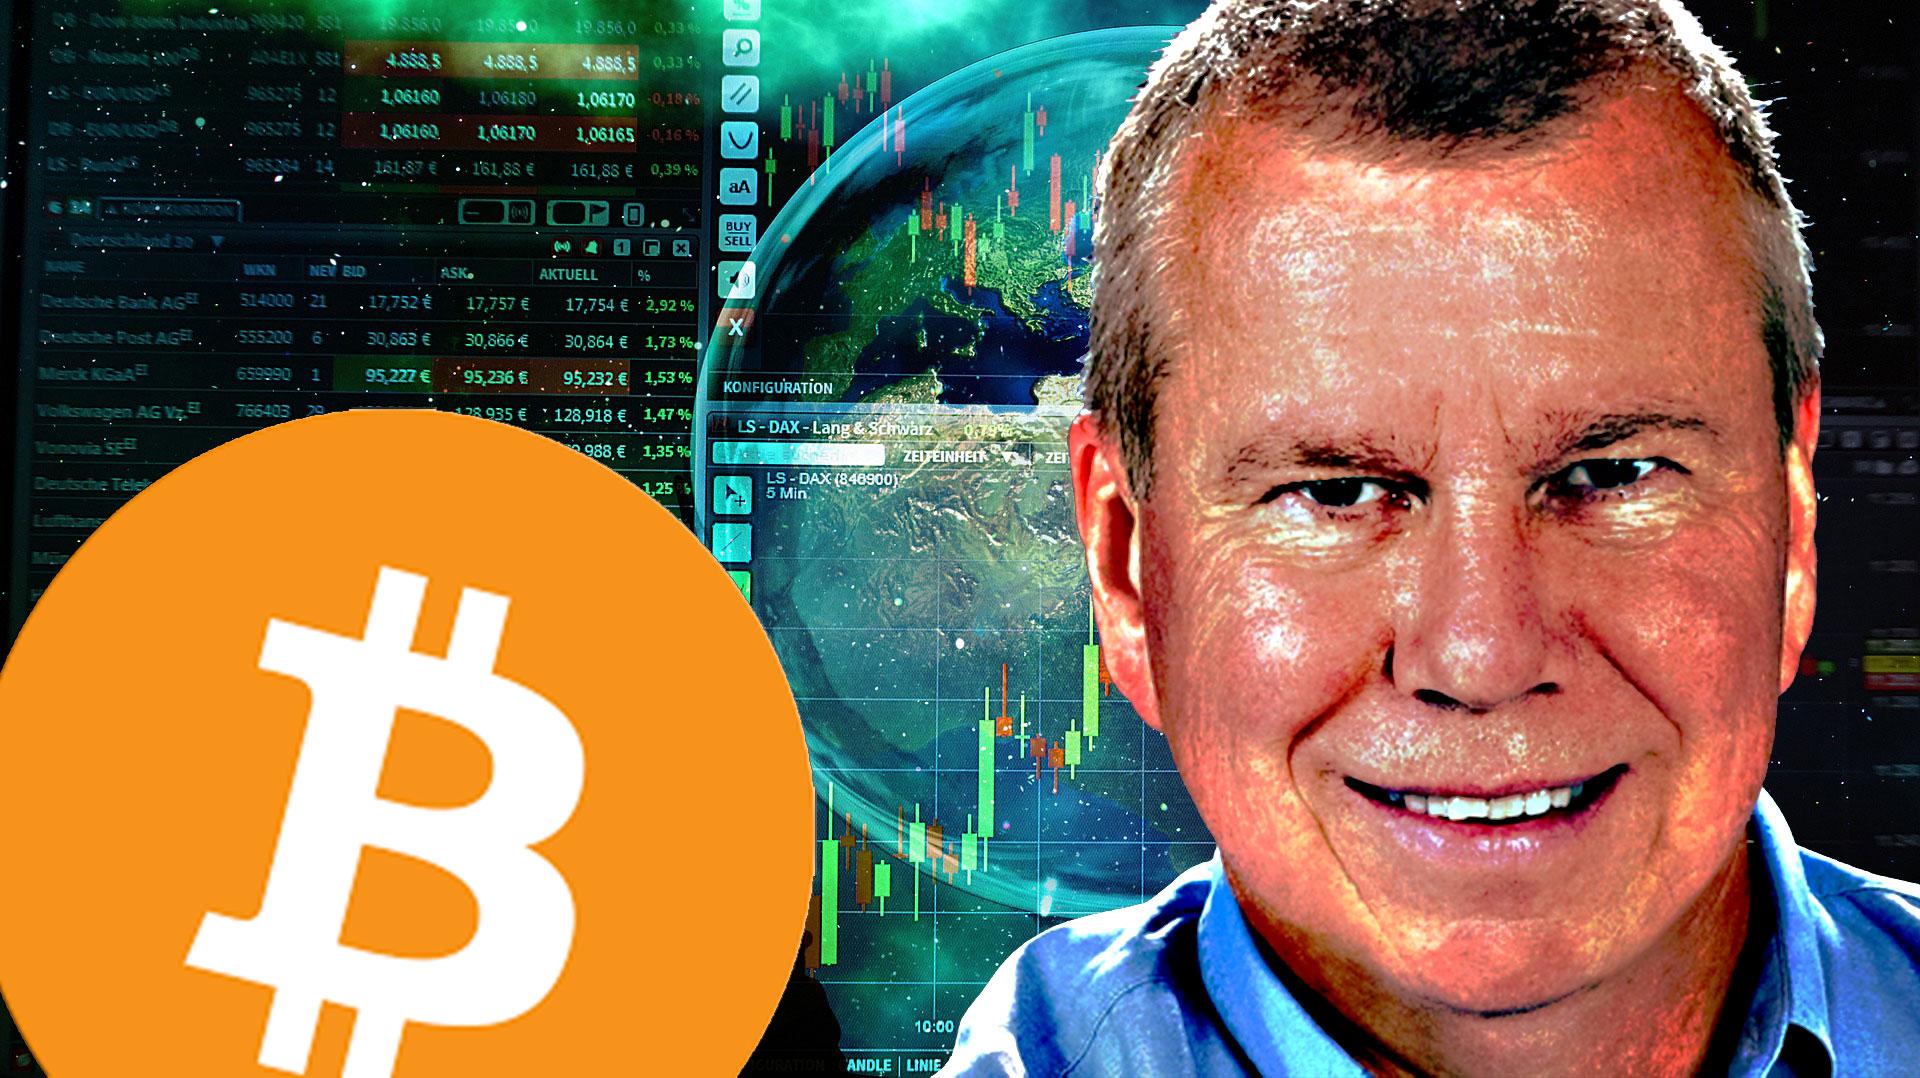 ジョン・ボリンジャー氏「ビットコインが今やリスクオン、リスクオフの別の手段として機能」